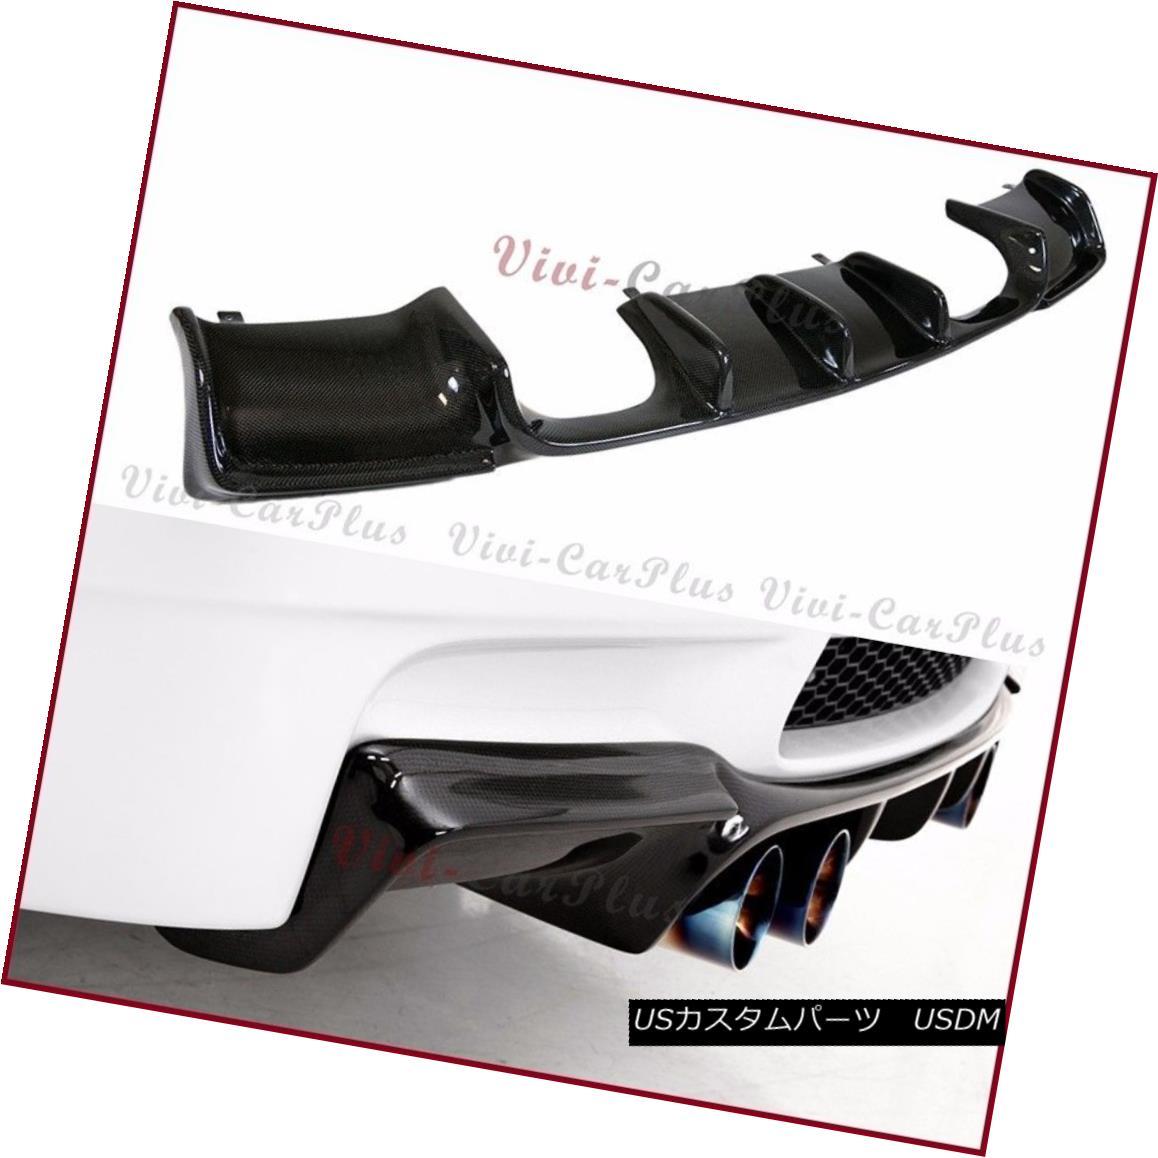 エアロパーツ Carbon Fiber GS Type Rear Diffuser For 08-13 BMW E92 E93 M3 Bumper Coupe Convert 炭素繊維GSタイプリアディフューザー08-13 BMW E92 E93 M3バンパークーペ変換